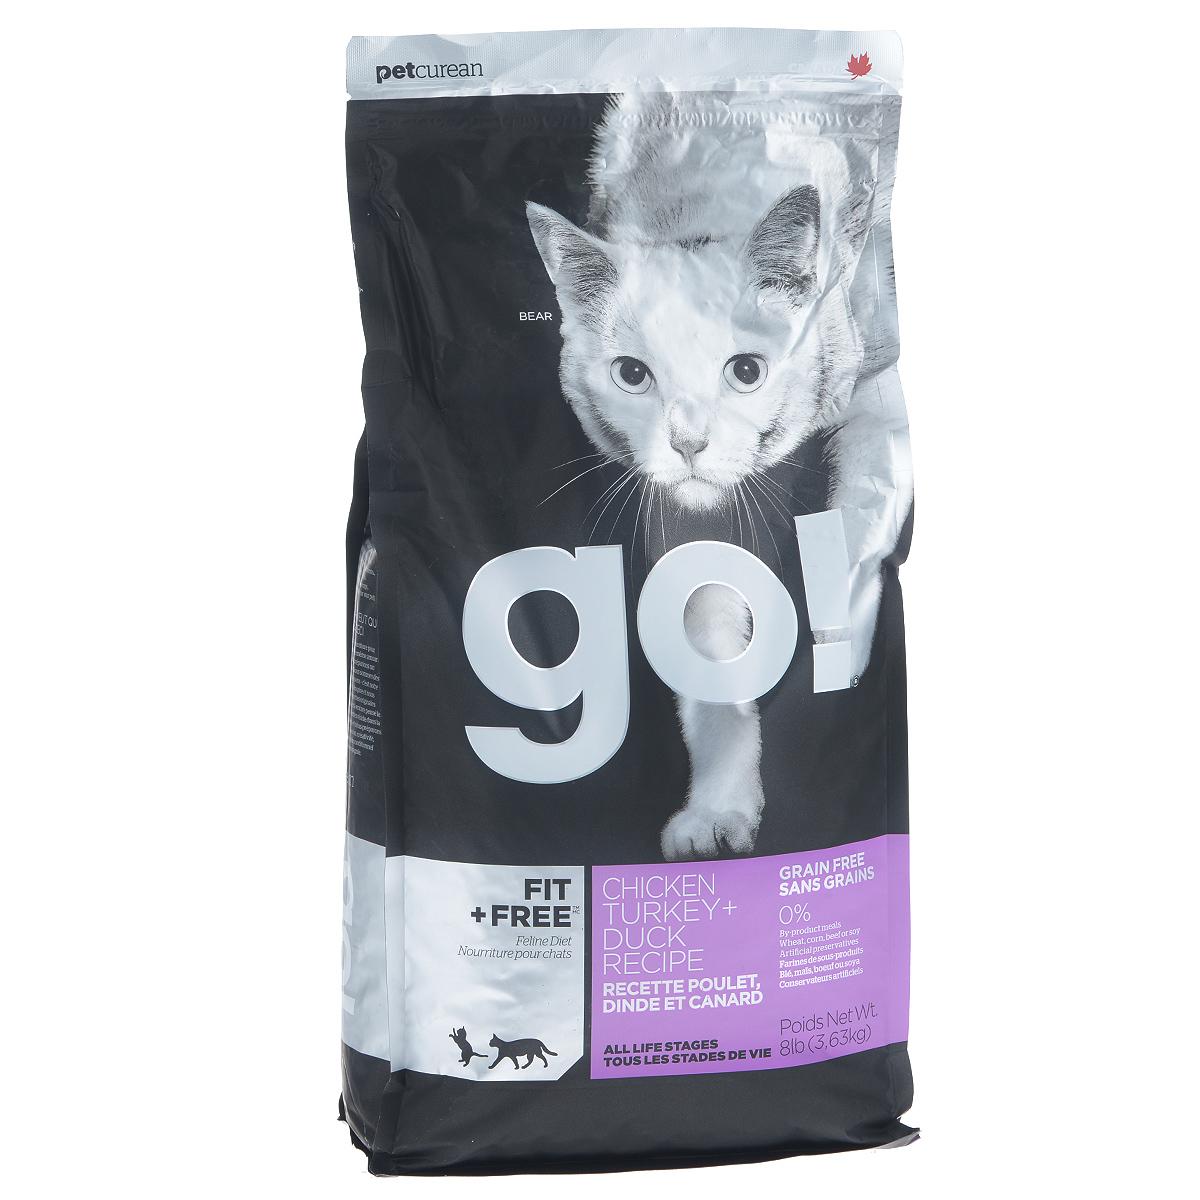 Корм сухой Go! для кошек и котят, беззерновой, с курицей, индейкой, уткой и лососем, 3,63 кг0120710Беззерновой сухой корм Go! для котят и кошек - это корм со сбалансированным содержание белков и жиров. Ключевые преимущества:- Полностью беззерновой,- Небольшое количество углеводов гарантирует поддержание оптимального веса кошки,- Пробиотики и пребиотики обеспечивают здоровое пищеварение,- Не содержит субпродуктов, красителей, говядины, мясных ингредиентов, выращенных на гормонах,- Таурин необходим для здоровья глаз и нормального функционирования сердечной мышцы,- Докозагексаеновая кислота (DHA) и эйкозапентаеновая кислота (EPA) необходима для нормальной деятельности мозга и здорового зрения,- Омега-масла в составе необходимы для здоровой кожи и шерсти,- Антиоксиданты укрепляют иммунную систему.Состав: свежее мясо курицы, филе курицы, филе индейки, утиное филе, свежее мясо индейки, свежее мясо лосося, филе форели, куриный жир (источник витамина Е), натуральный рыбный ароматизатор, горошек, картофель, свежие цельные яйца, картофельная мука, тапиока, филе лосося, филе утки, масло лосося, тыква, яблоки, морковь, бананы, черника, клюква, чечевица, брокколи, шпинат, творог, люцерна, сладкий картофель, ежевика, папайя, ананас, фосфорная кислота, хлорид натрия, хлорид калия, DL-метионин, таурин, холин хлорид, сушеный корень цикория, Lactobacillus, Enterococcusfaecium, Aspergillus, витамины (витамин А , Витамин D3, витамин Е, никотиновая кислота, инозит, L-аскорбил-2-полифосфатов (источник витамина С), тиамина мононитрат, D-пантотенат кальция, рибофлавин, пиридоксин гидрохлорид, бета-каротин, фолиевая кислота, биотин, витамин В12), минералы (цинка протеинат, железа протеинат, меди протеинат, оксид цинка, марганца протеинат, сульфат меди, йодат кальция, сульфат железа, оксид марганца, селенит натрия), экстракт юкка Шидигера, дрожжевой экстракт, сушеный розмарин.Гарантированный анализ: белки 46%, жиры 18%, клетчатка 1,5%, влажность (max) 10%, зола (max) 9%, фосфор 1,1%, магний 